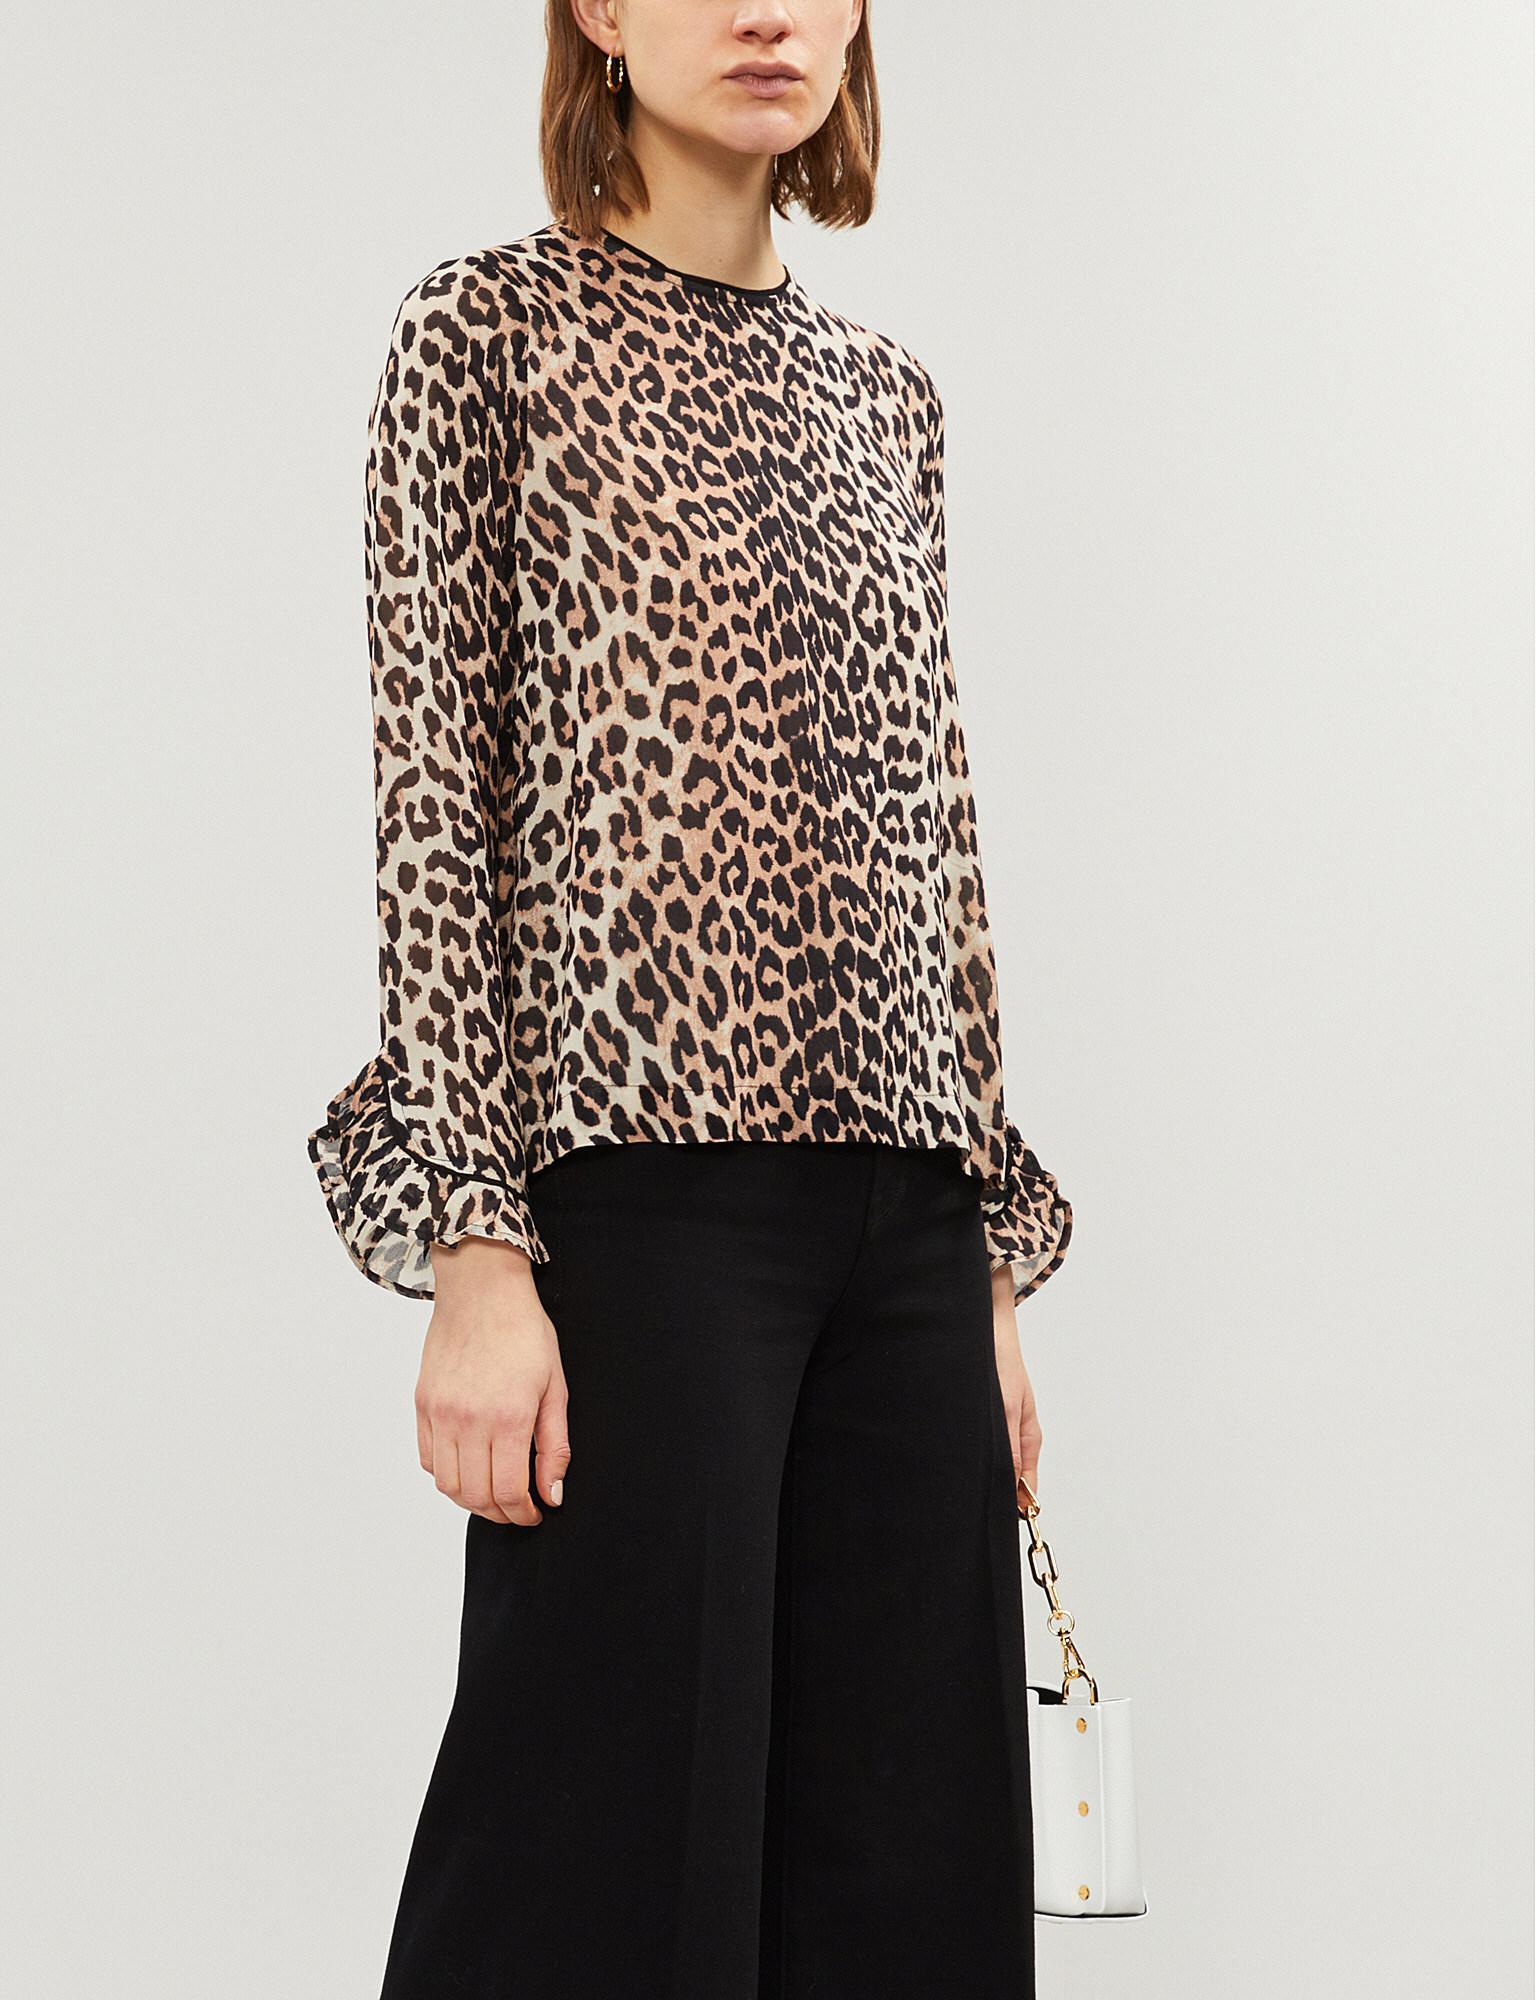 a419b3dba9b7 Ganni. Women s Ladies Brown And Black Mullin Leopard-print Georgette Top